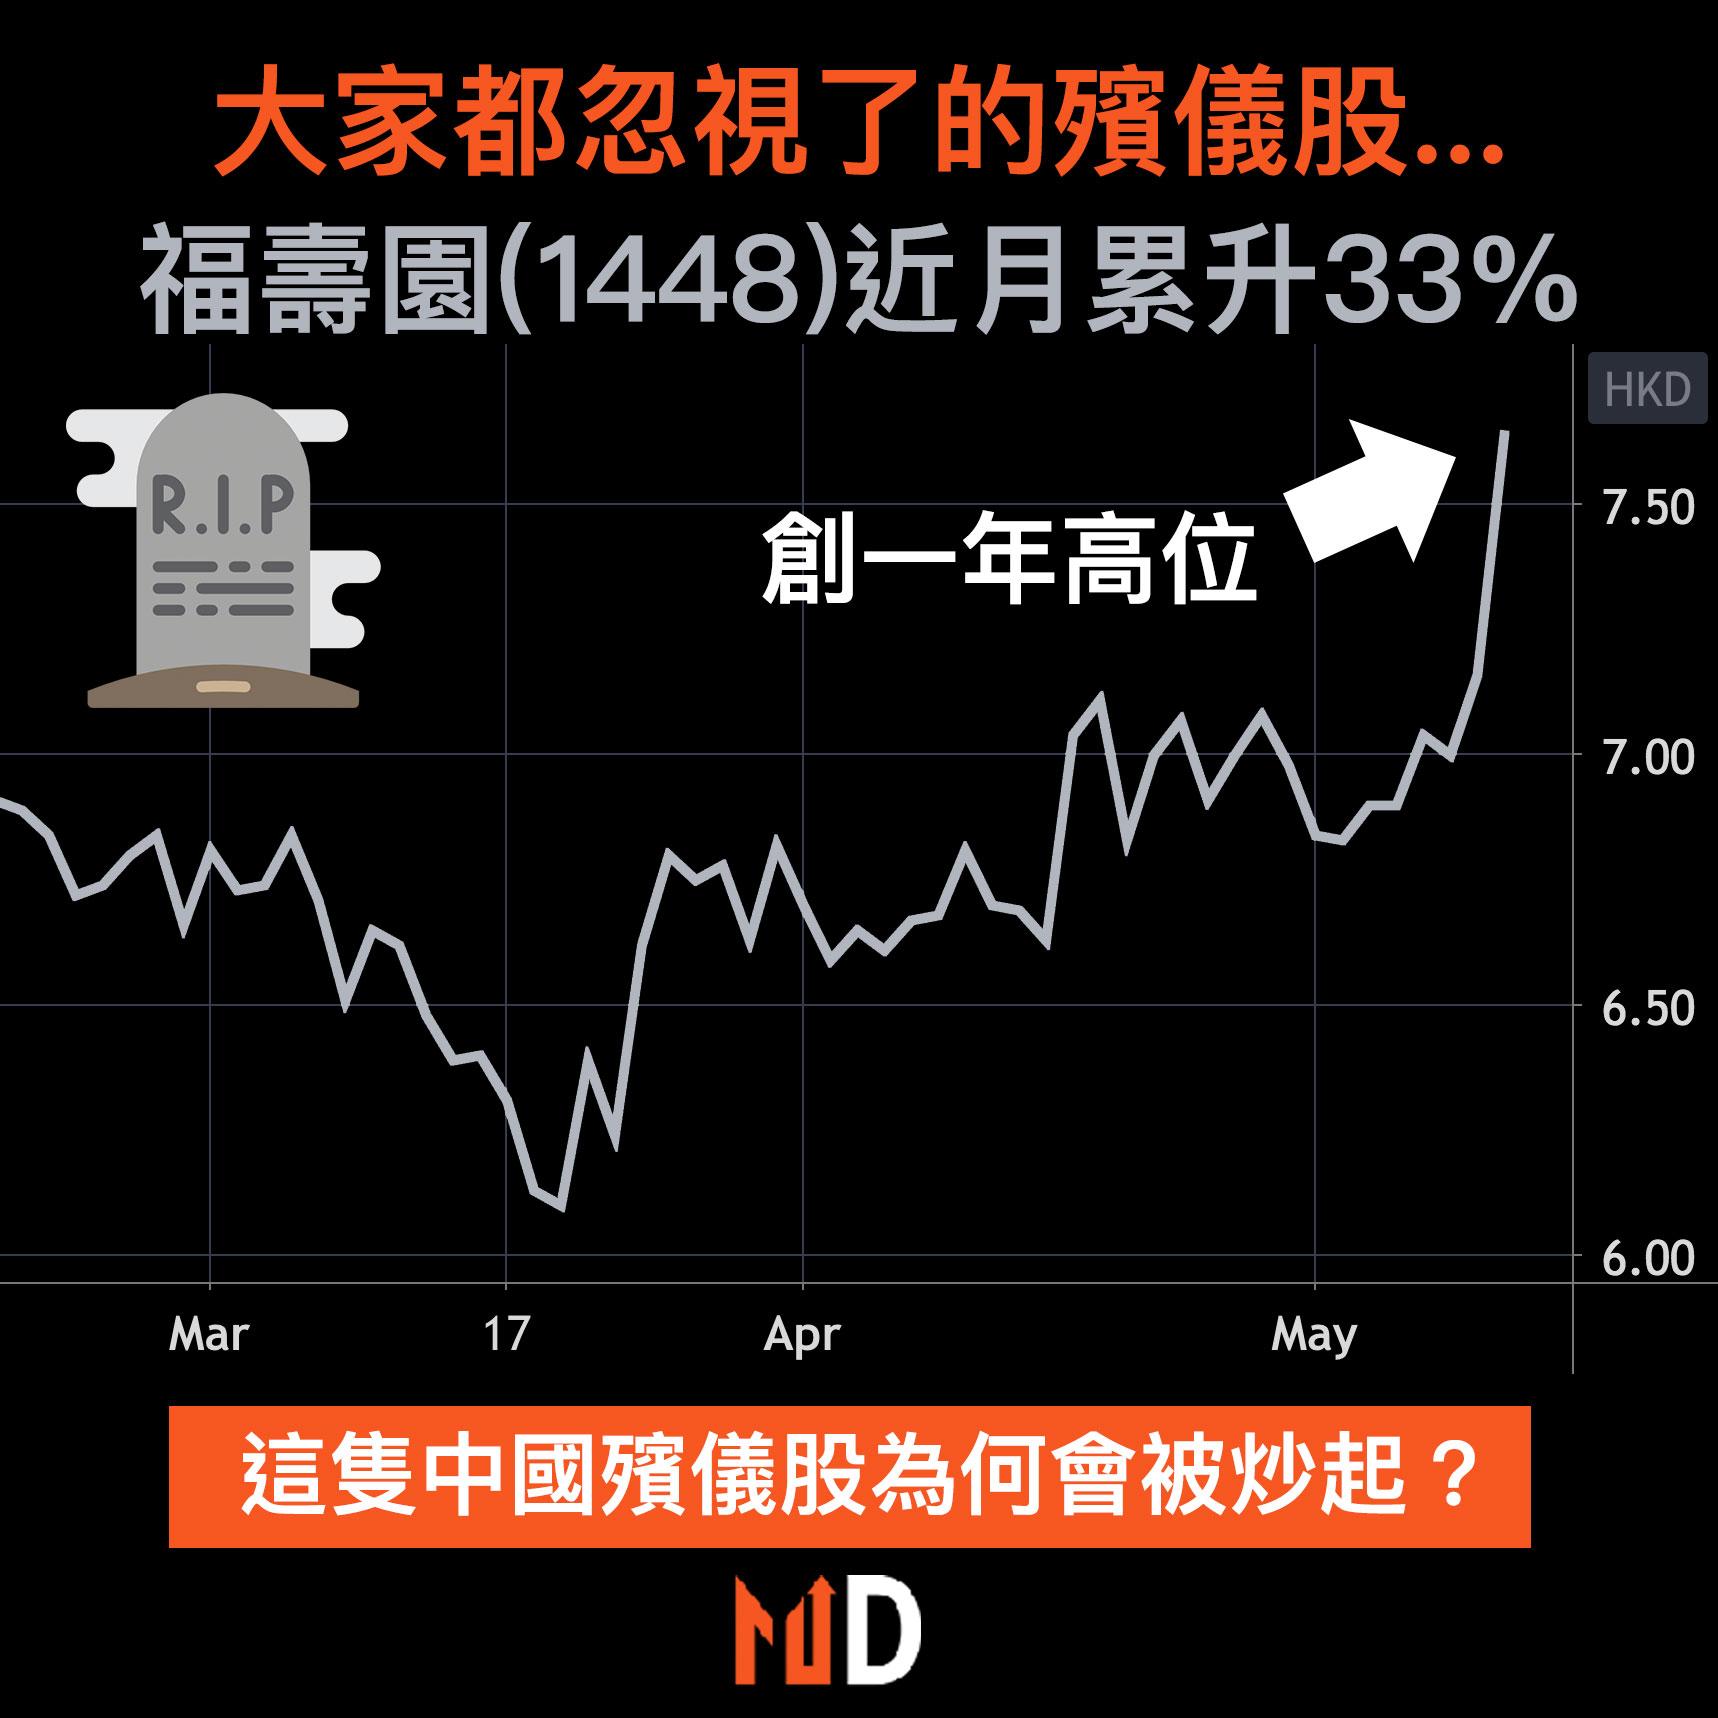 【秒懂股市】大家都忽視了的殯儀股,福壽園(1448)近月累升33%